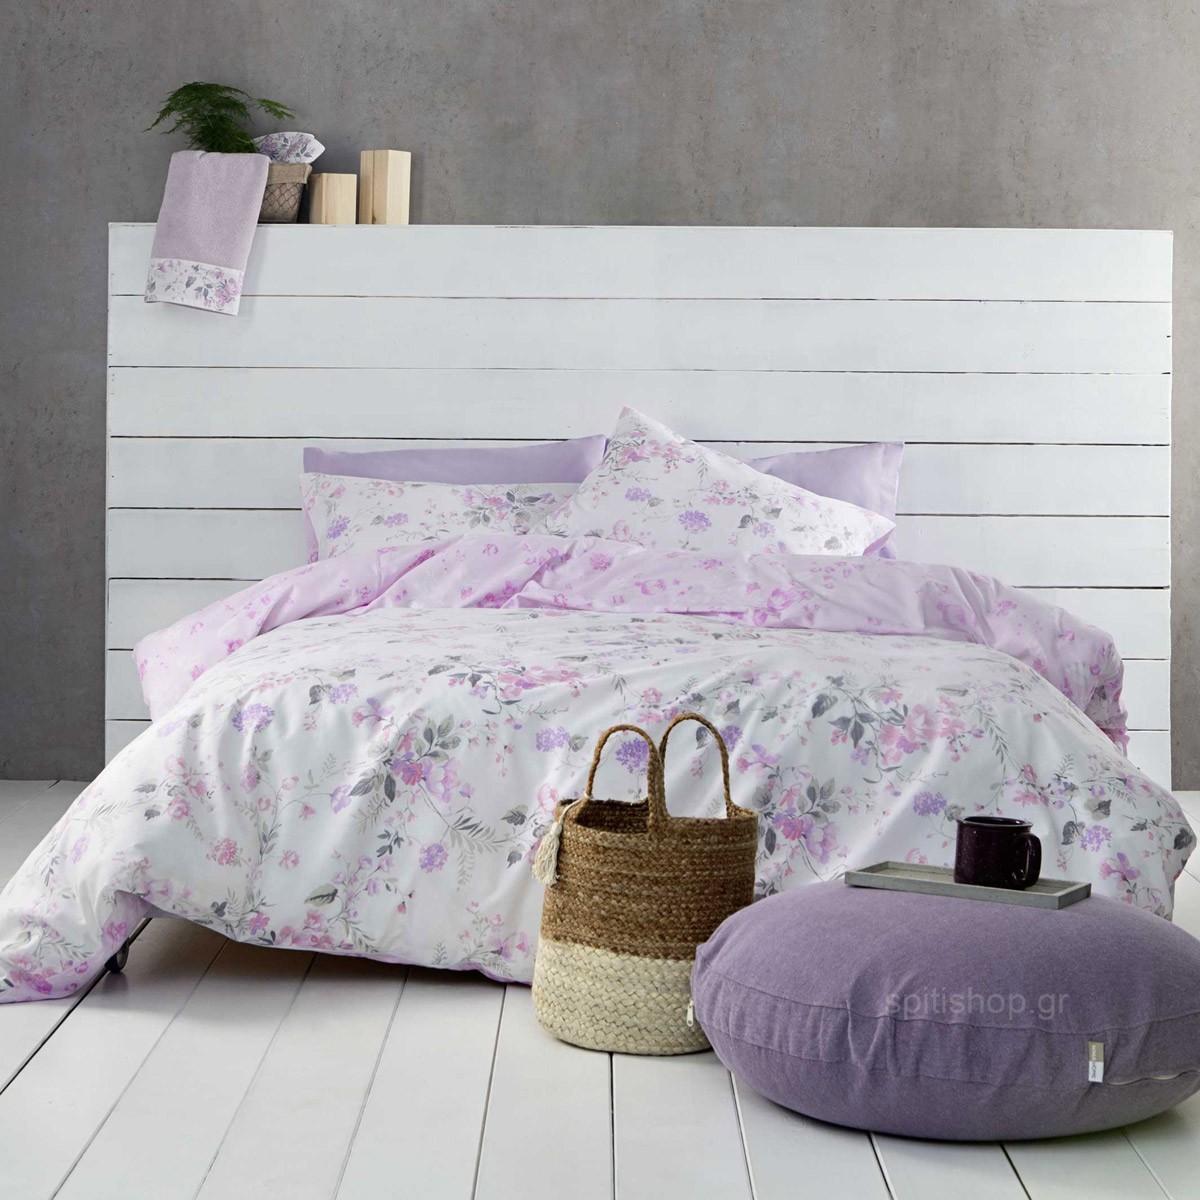 Σεντόνια Υπέρδιπλα (Σετ) Nima Bed Linen Floret Pink ΧΩΡΙΣ ΛΑΣΤΙΧΟ ΧΩΡΙΣ ΛΑΣΤΙΧΟ